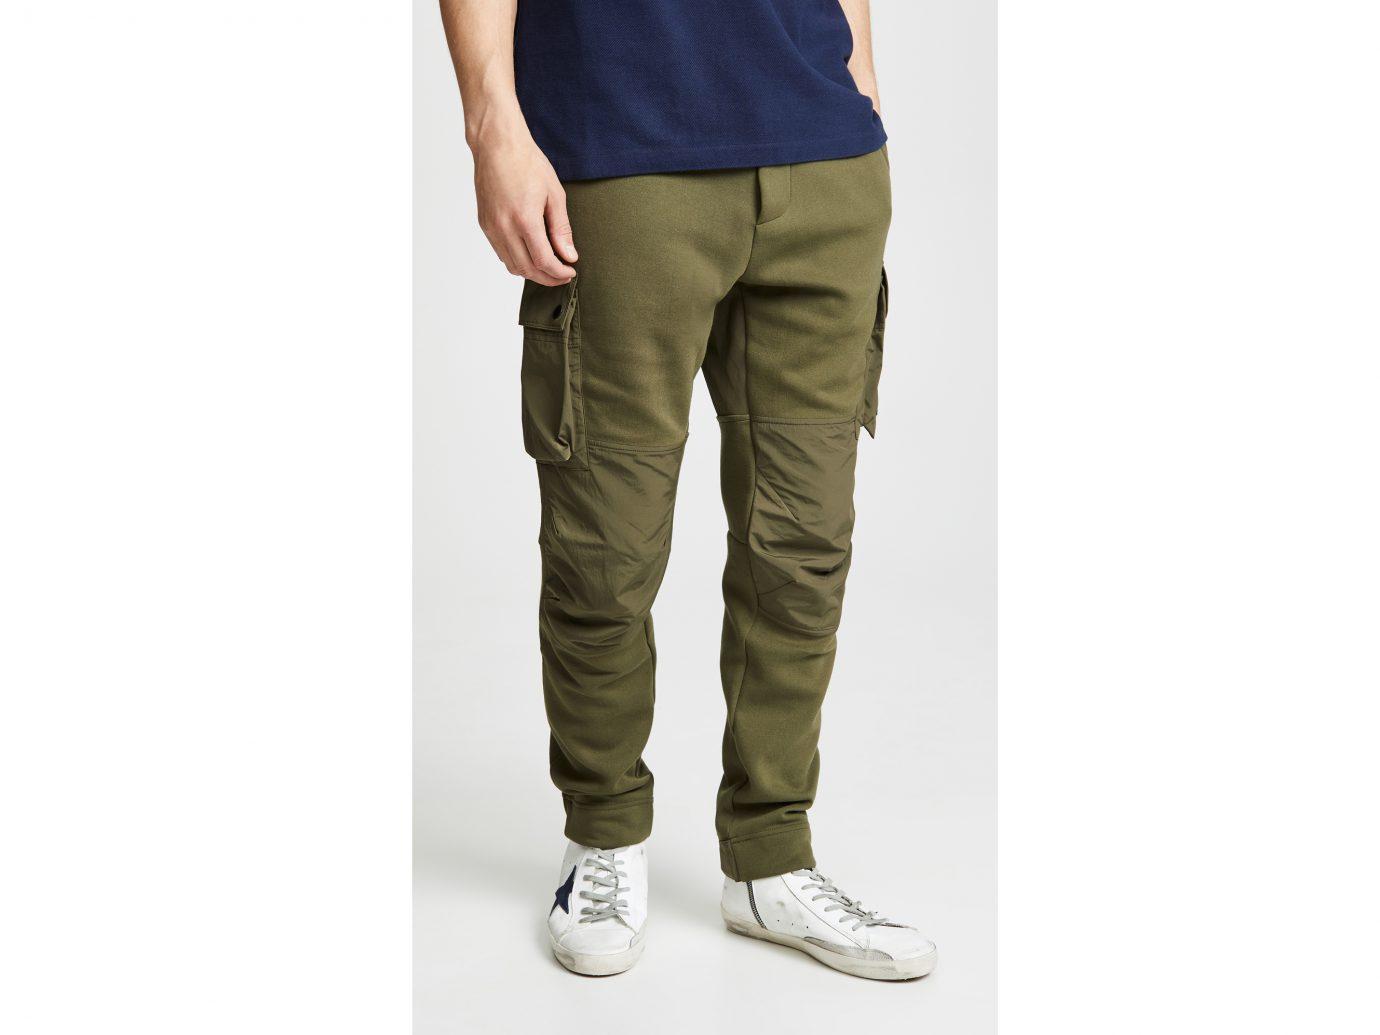 Polo Ralph Lauren Double Knit Pants